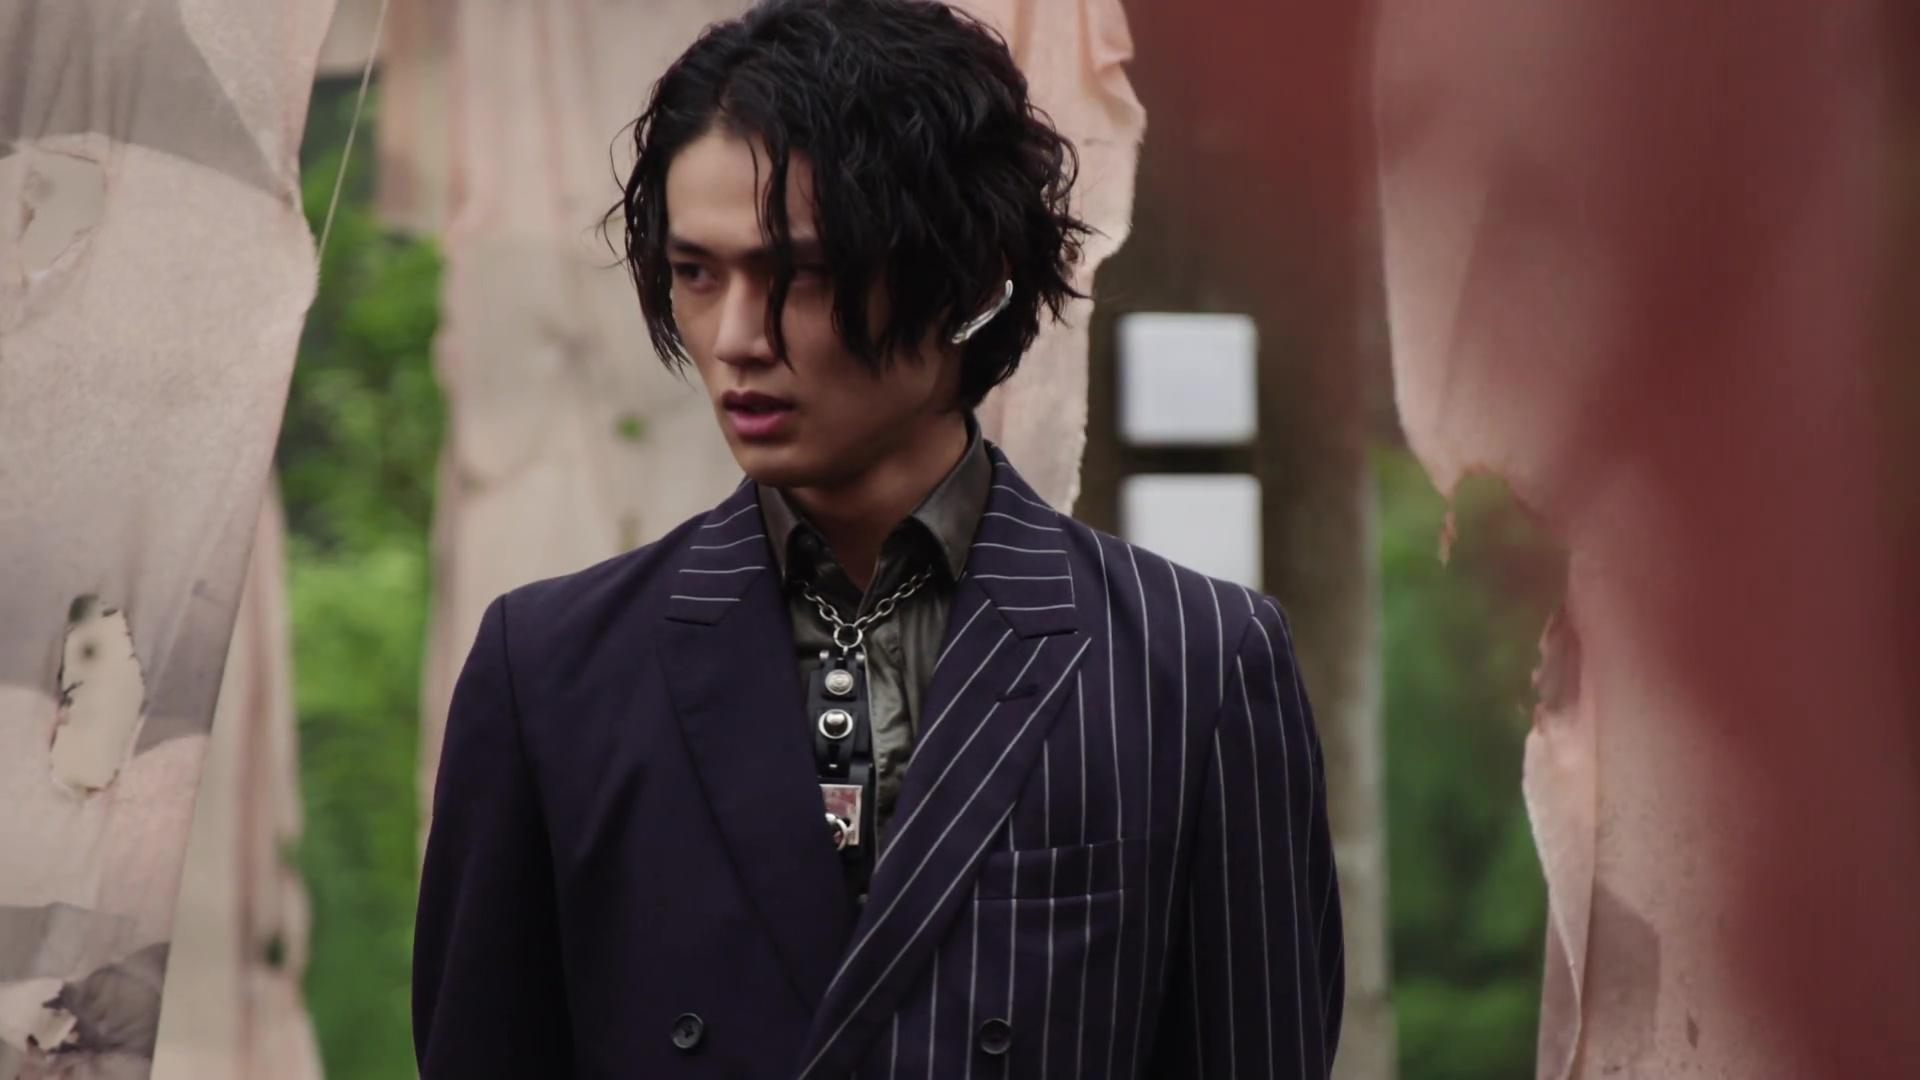 Kamen Rider Zero One Episode 43 Recap